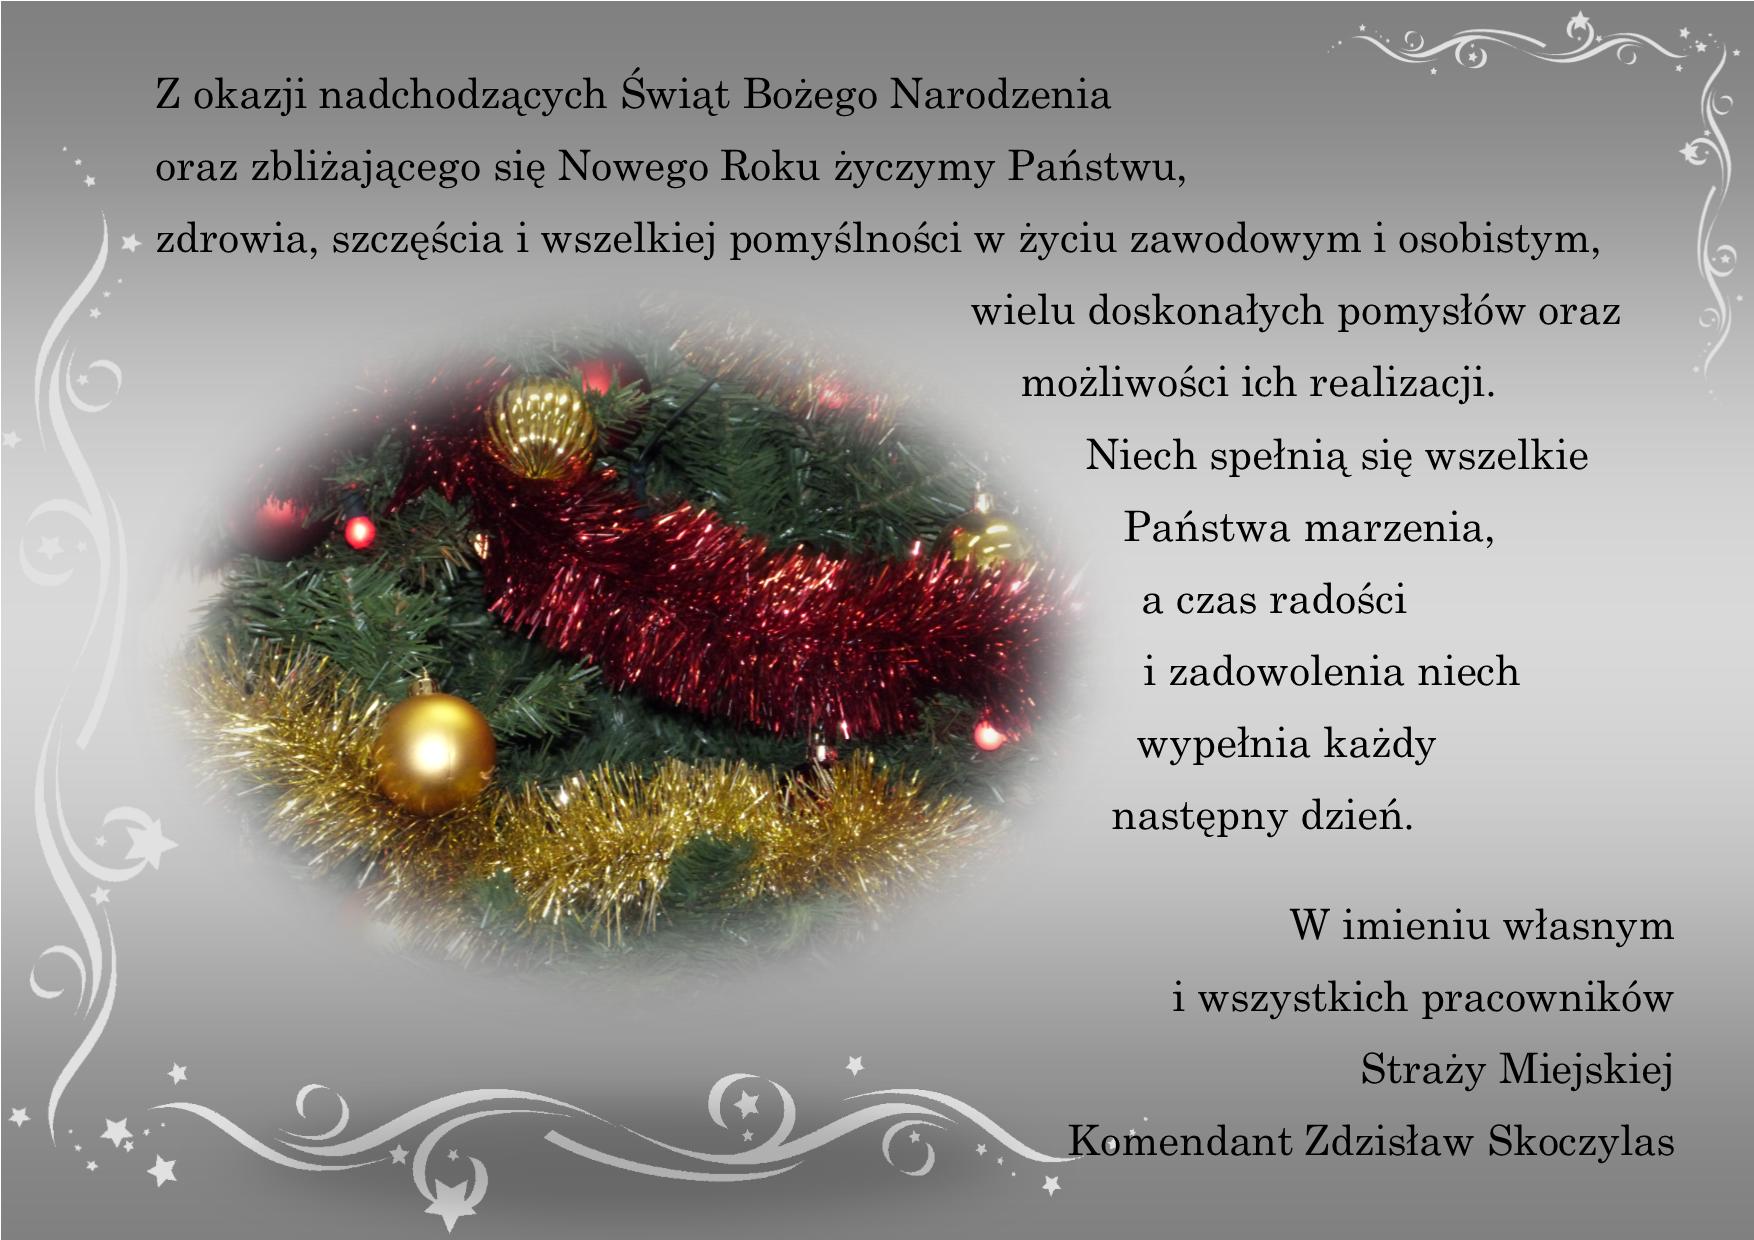 Życzenia - Boże Narodzenie 2014